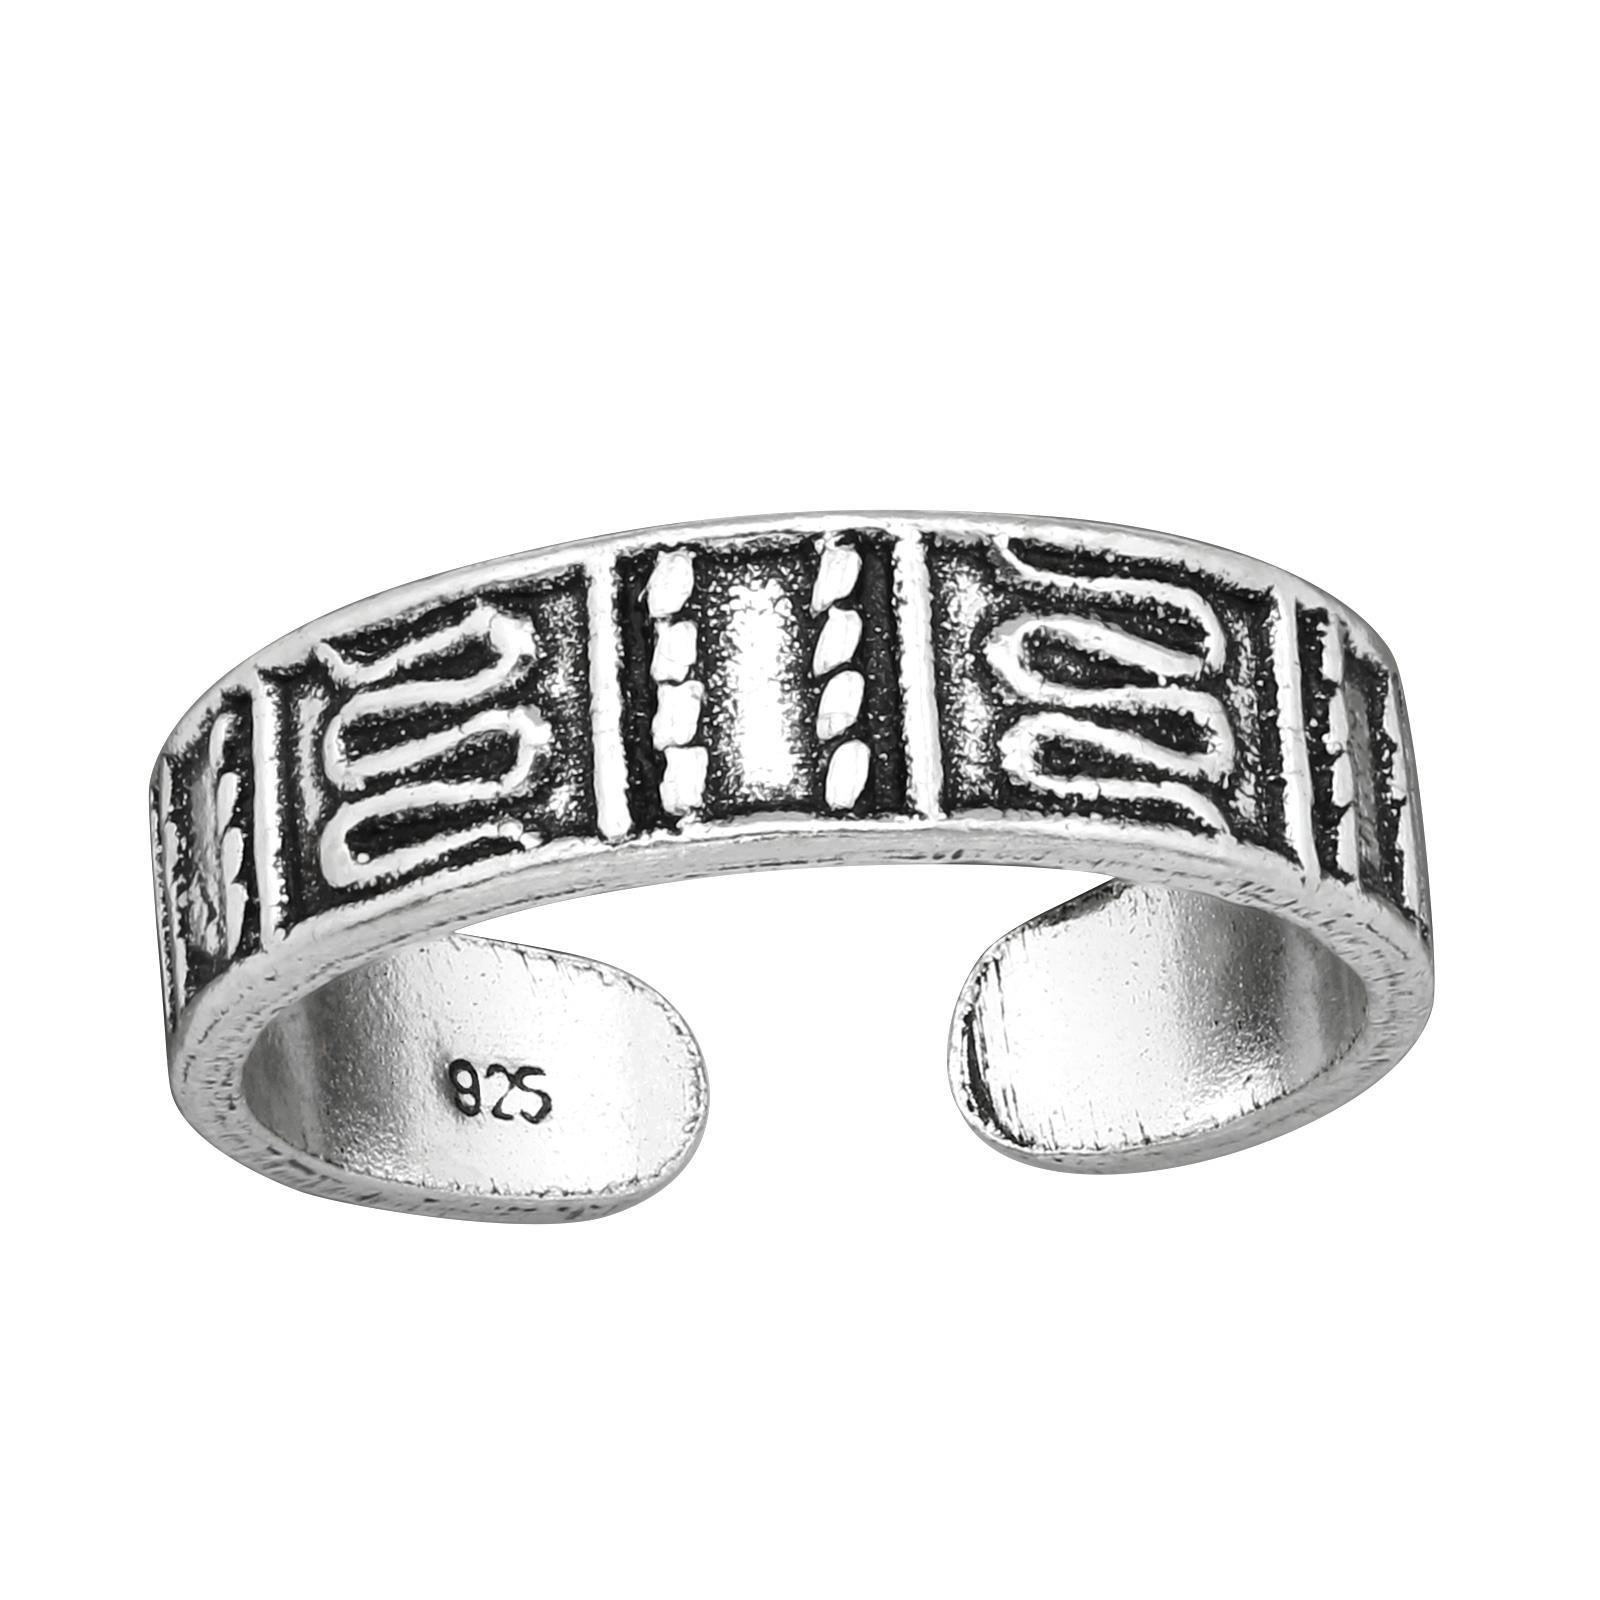 OLIVIE Strieborný prsteň NA NOHU 4009 Ag 925; ≤1,6 g.